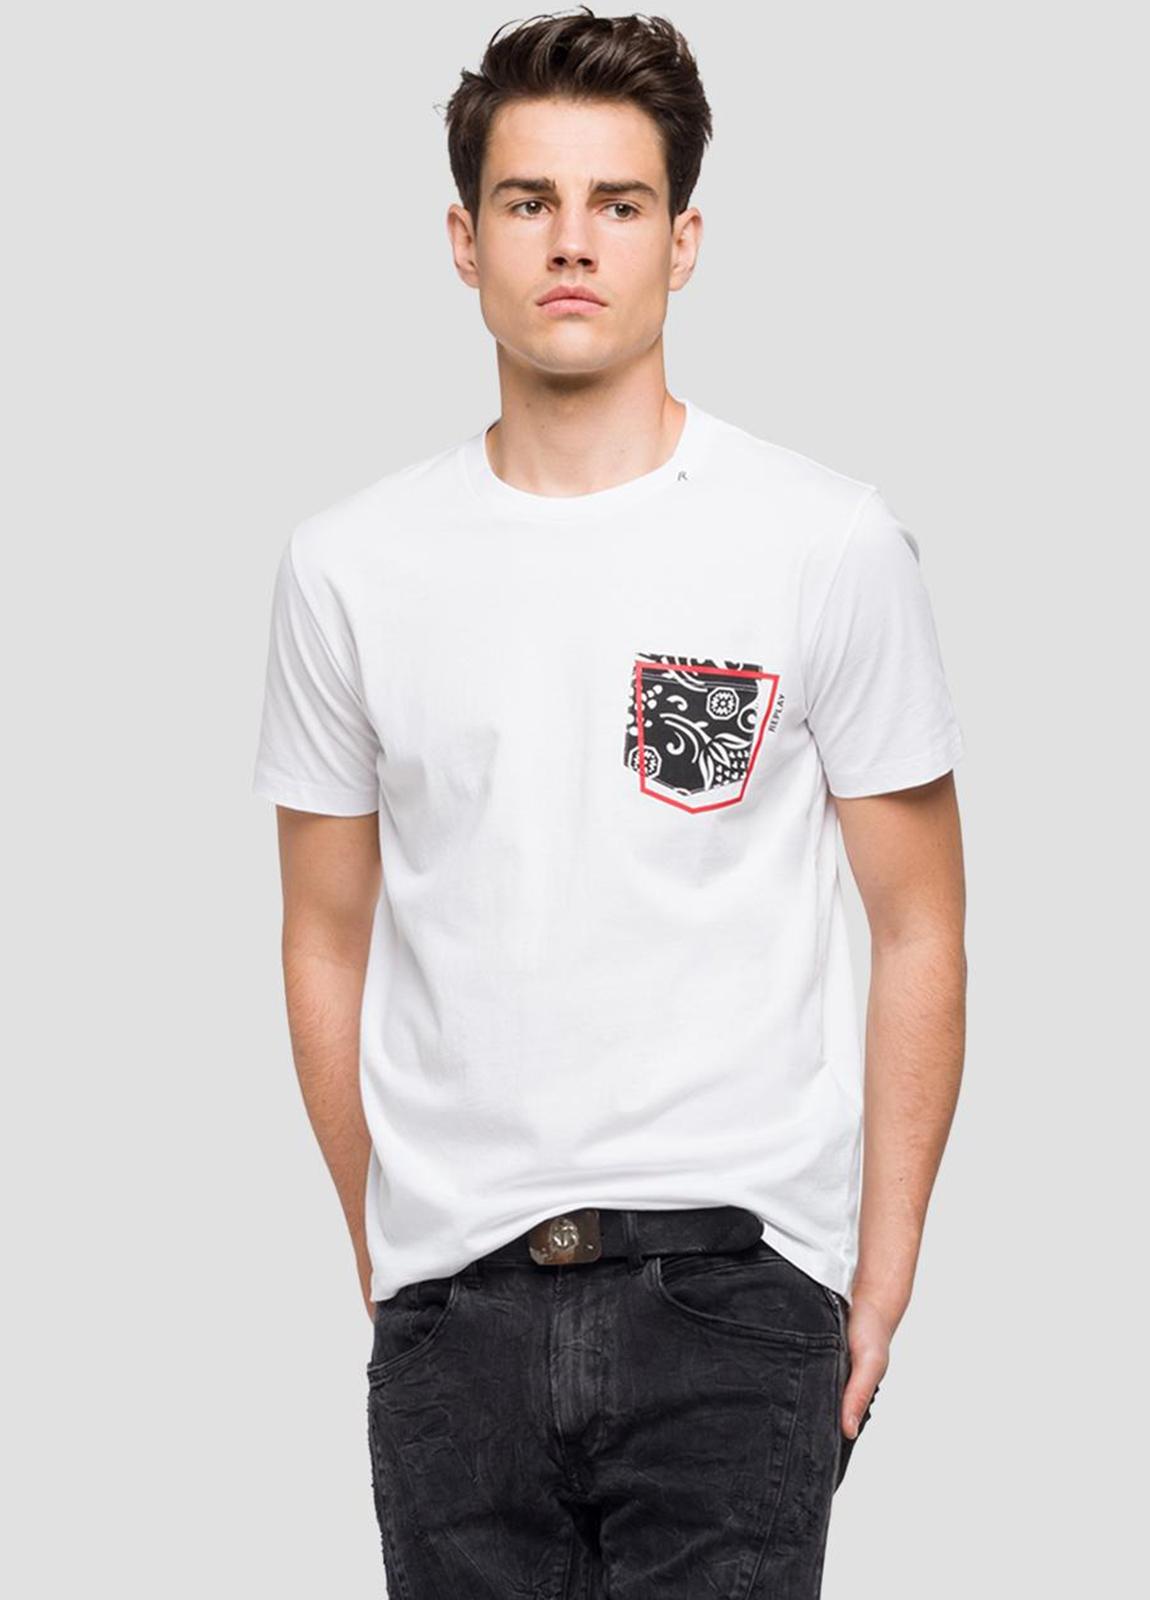 Camiseta manga corta color blanco con estampado en pecho.100% Algodón.